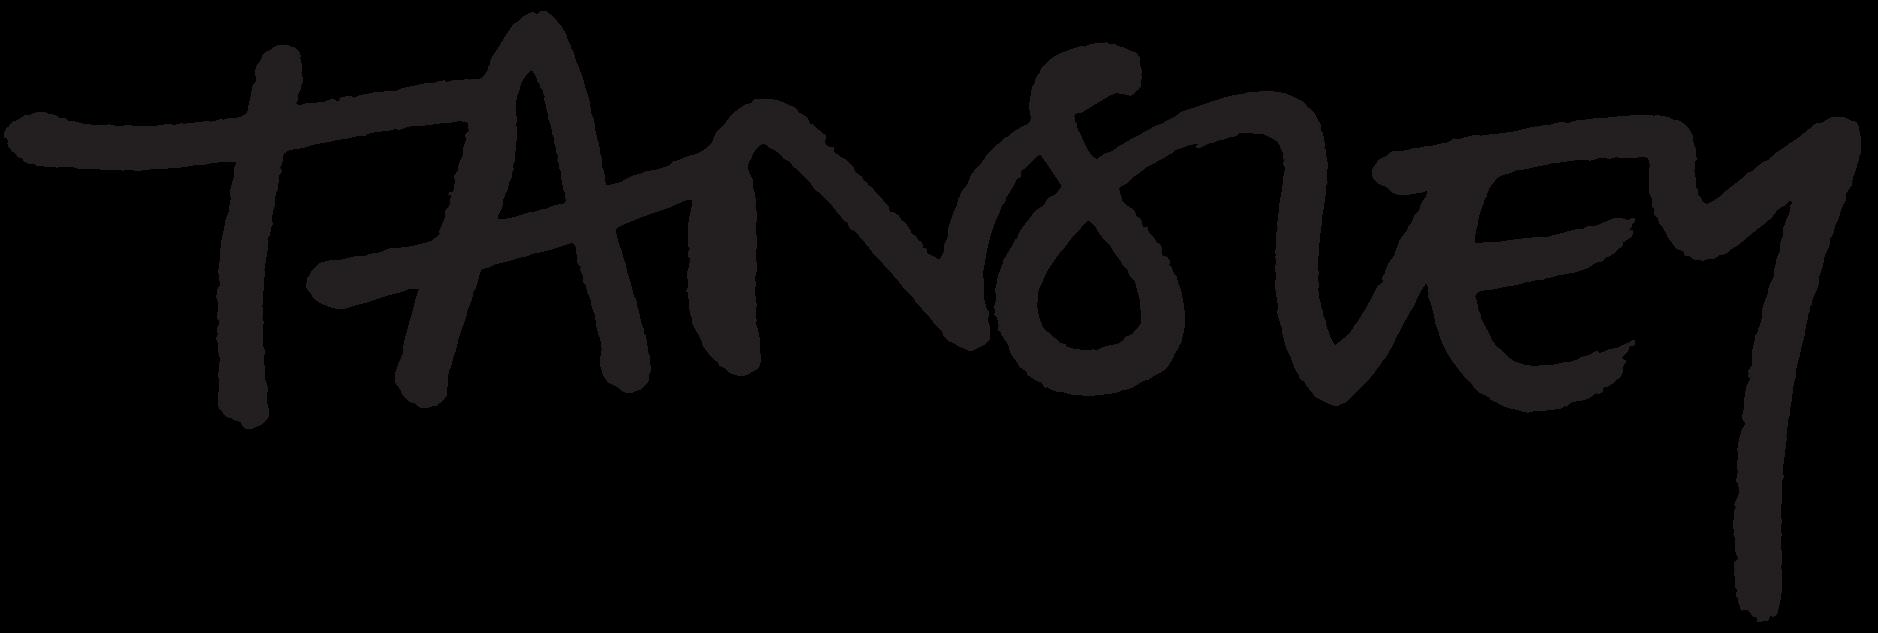 Tansley.com.au